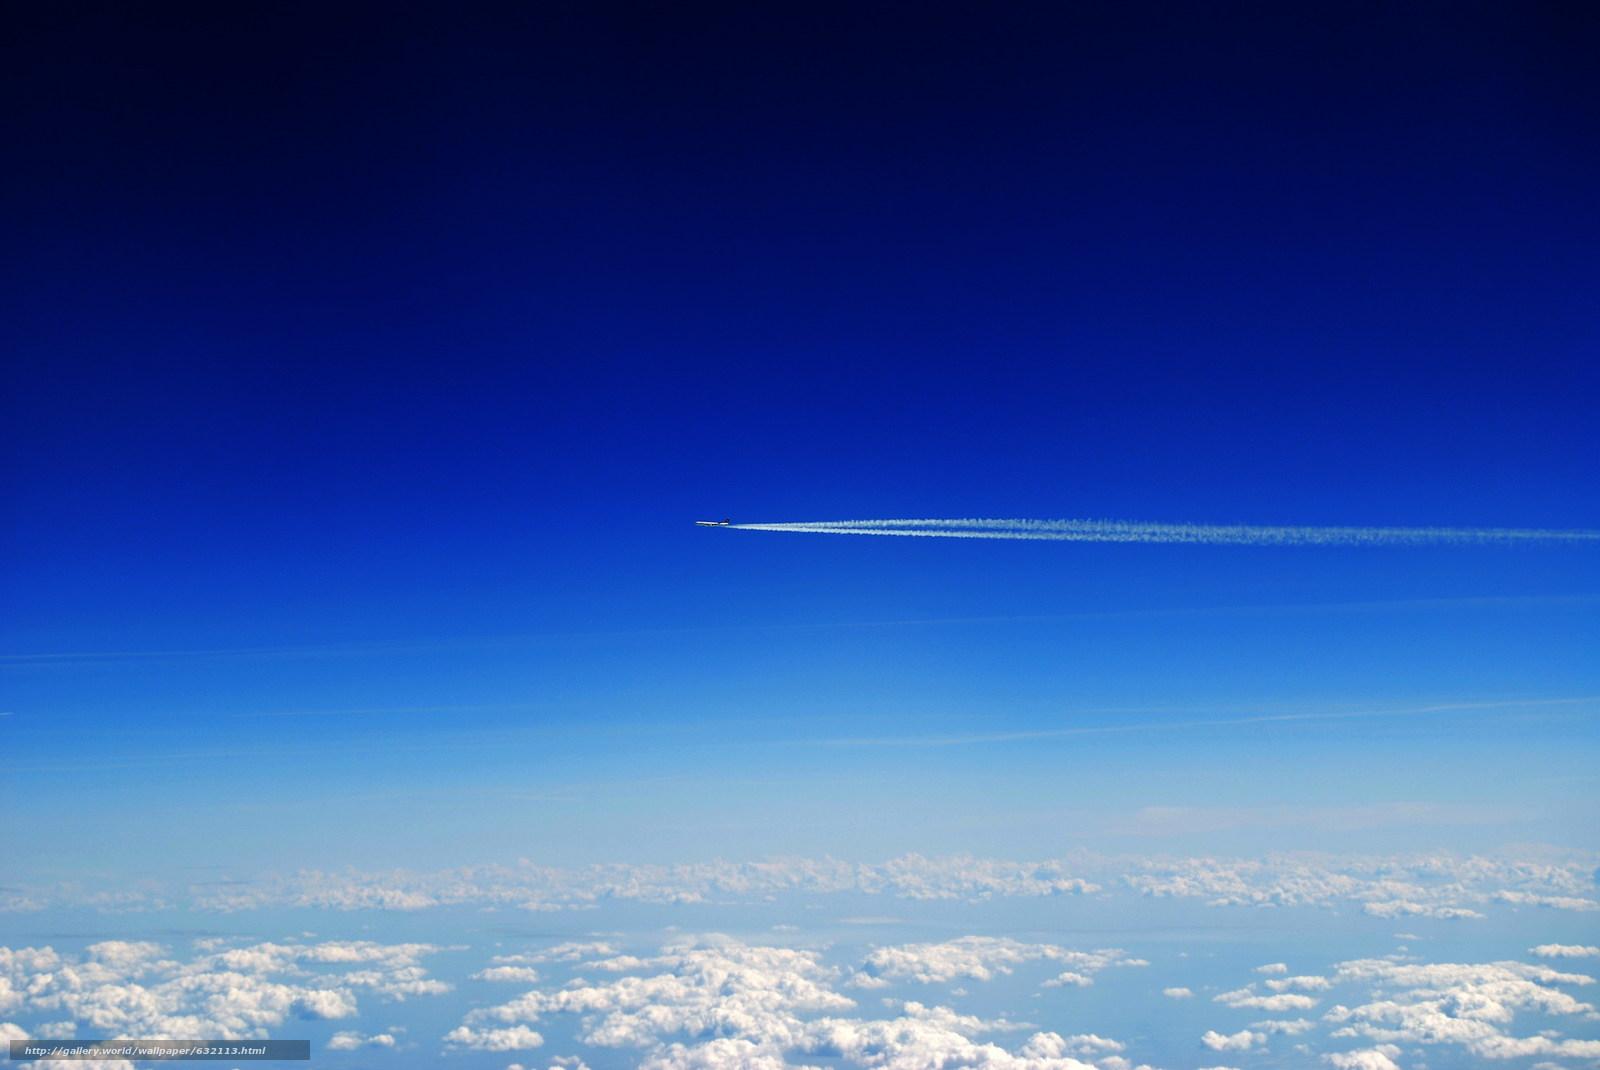 Скачать обои небо,  облака,  самолёт,  пейзаж бесплатно для рабочего стола в разрешении 2048x1370 — картинка №632113